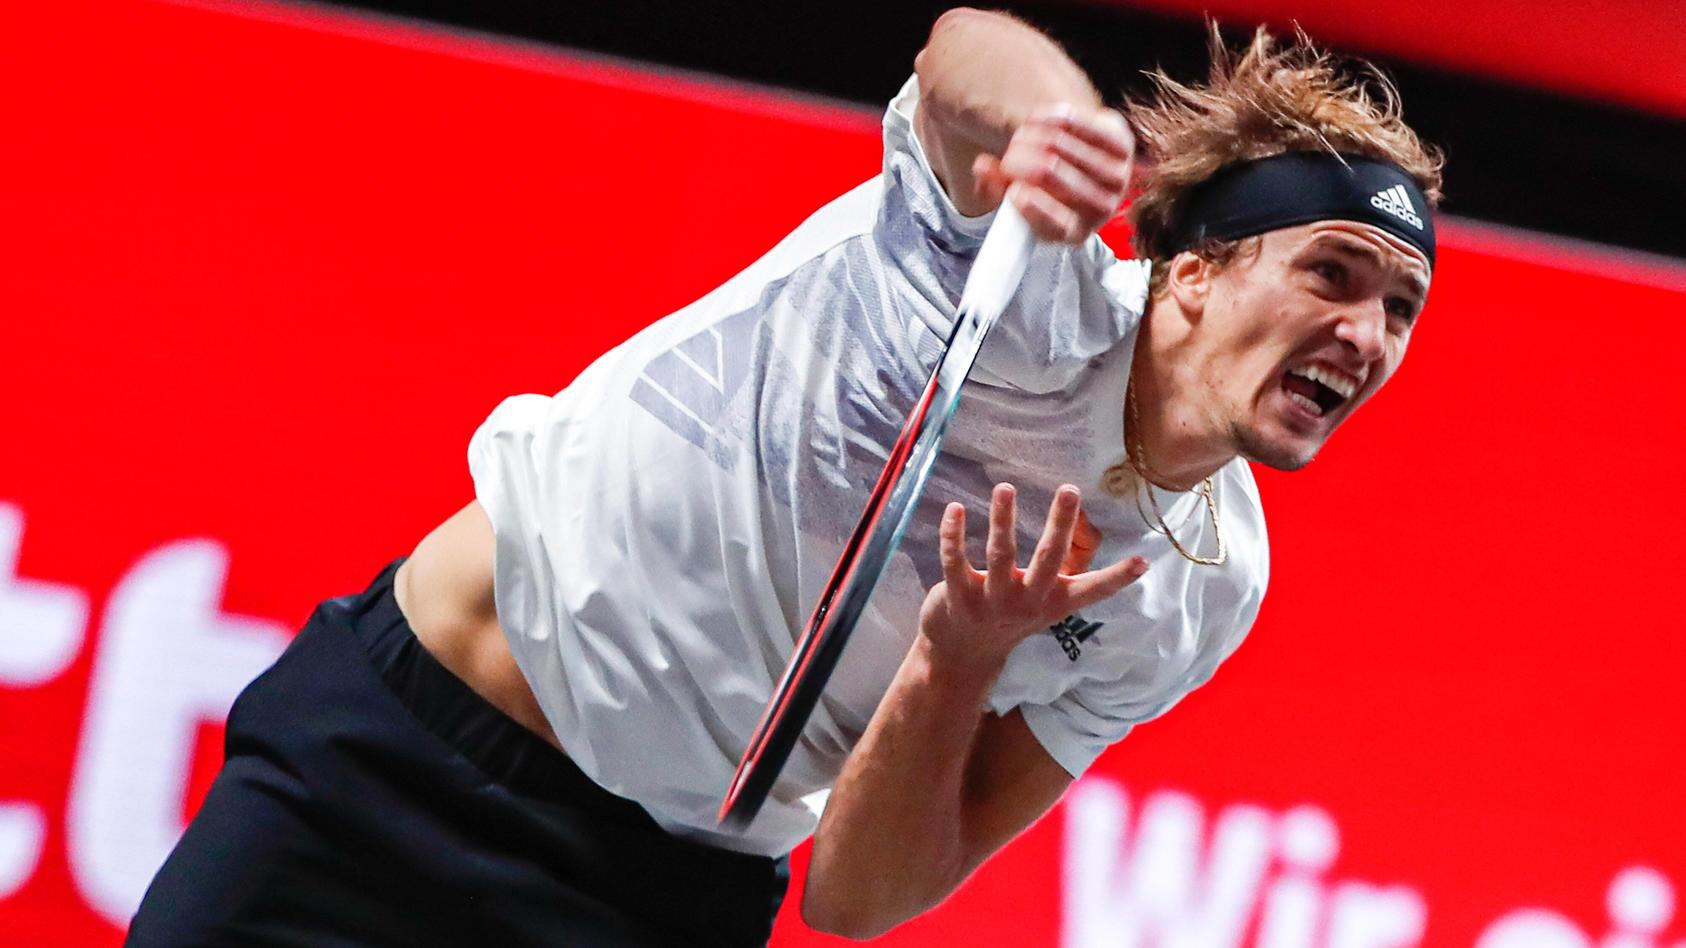 Sport Bilder des Tages ZVEREV, Alexander (GER) ATP, Tennis Herren Ranking No. 7, gesetzt an No. 1 bei den bett1HULKS Ind